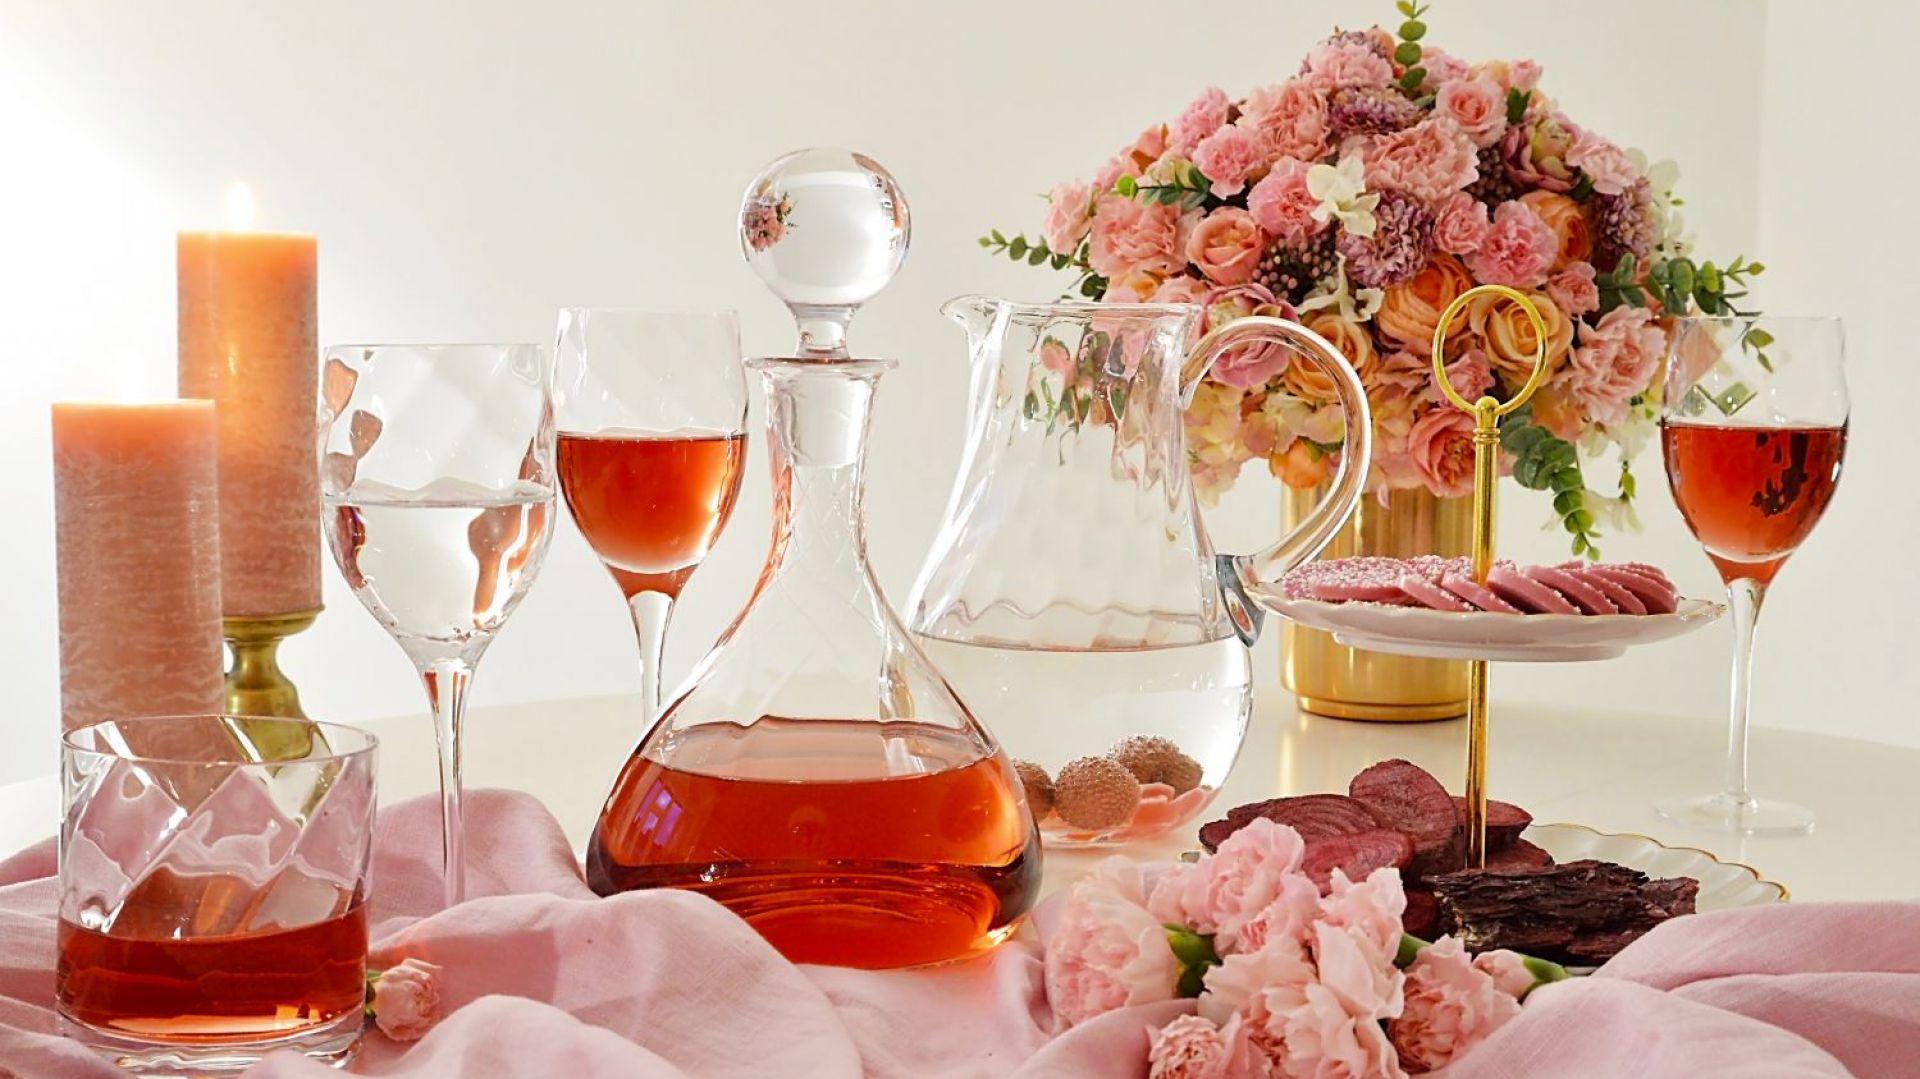 Nowe kolekcje szkła użytkowego. Fot. Krosno